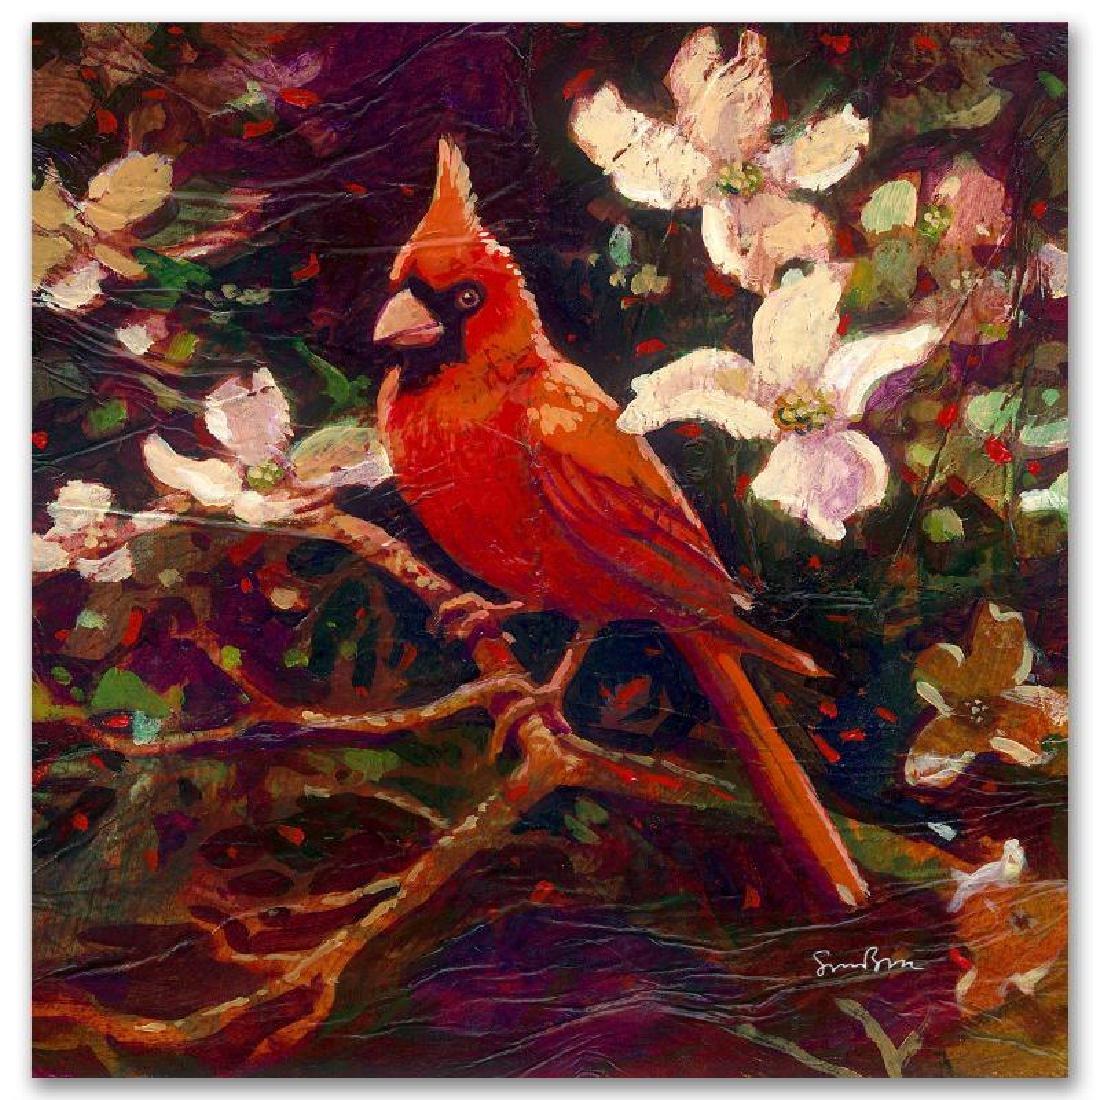 Cardinal by Bull, Simon - 3